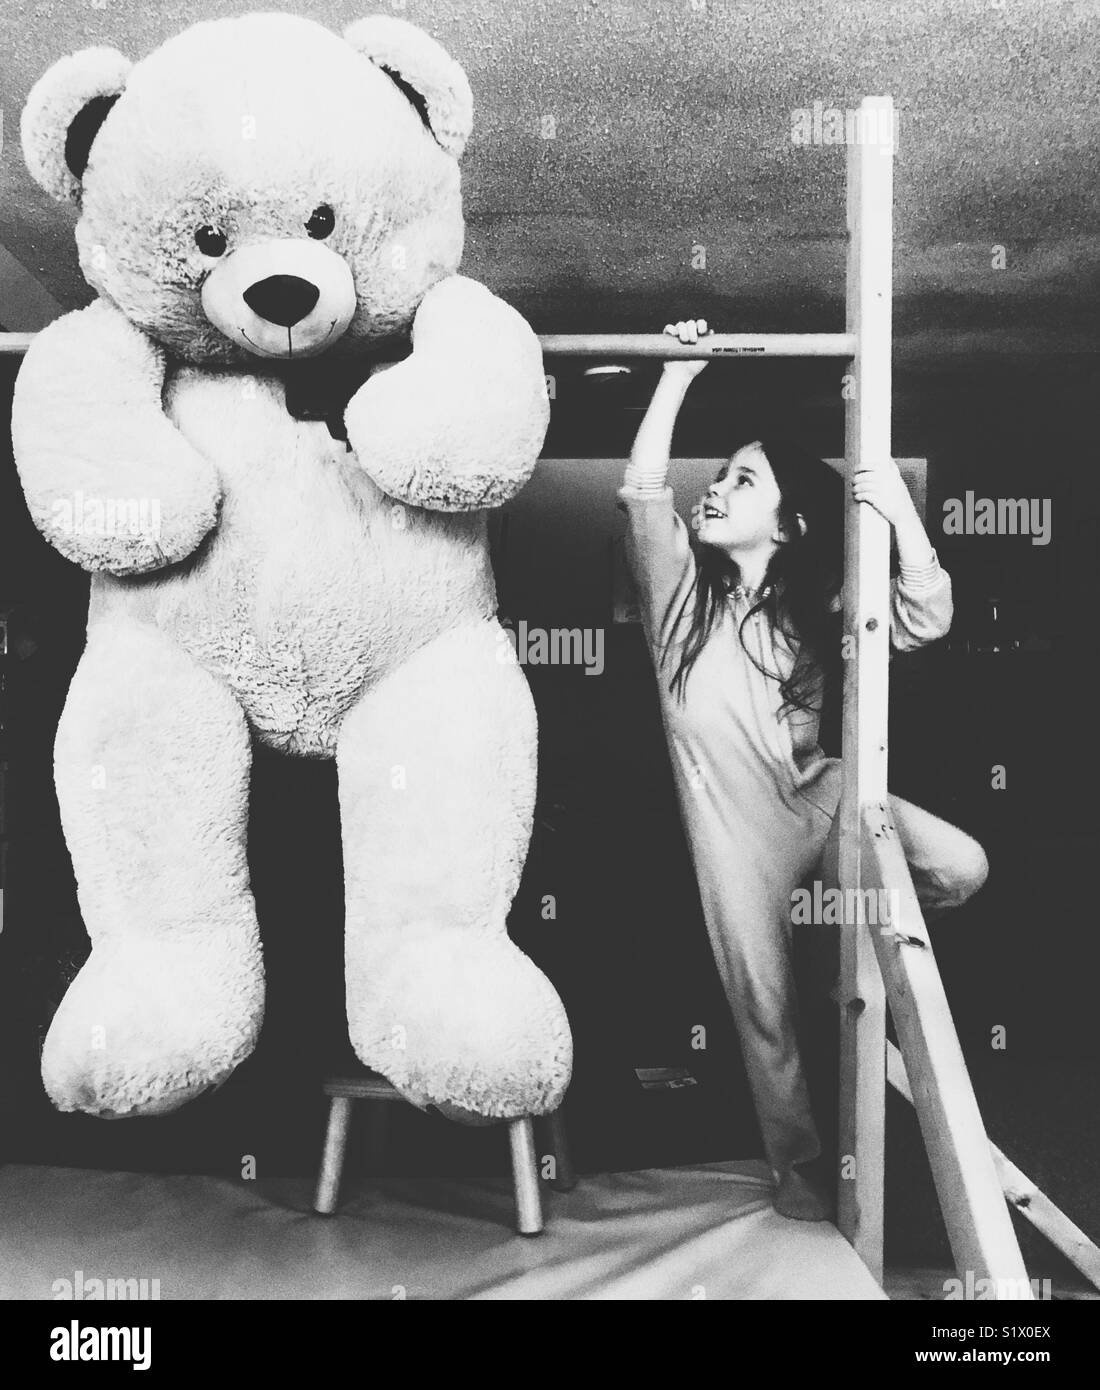 Muchacha con pelo largo en pijama Escalada de llegar a oso de peluche sobredimensionado gigante colgado en la barra Imagen De Stock